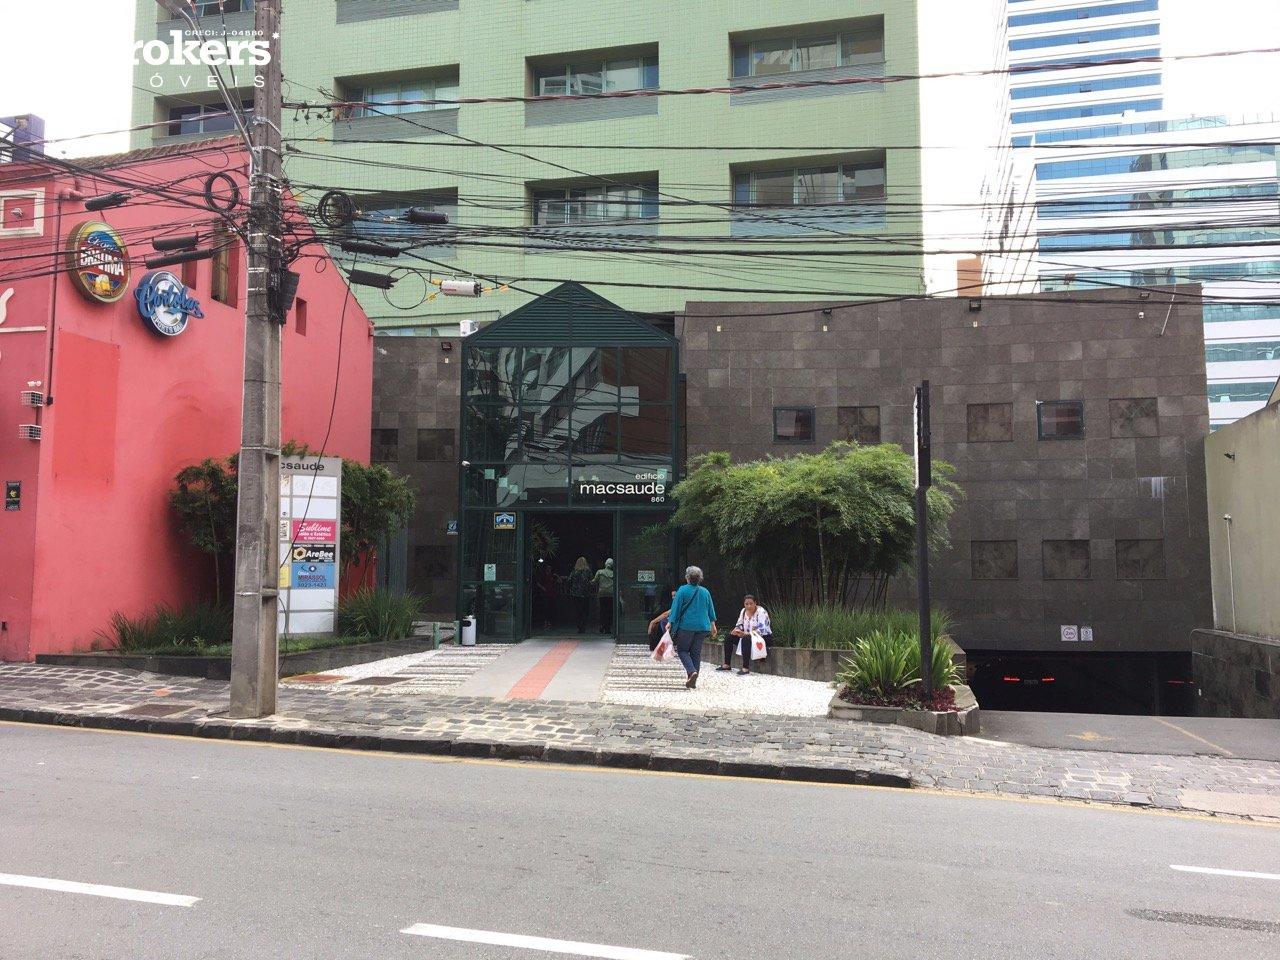 Salas/conjuntos à venda em Curitiba, no bairro Centro